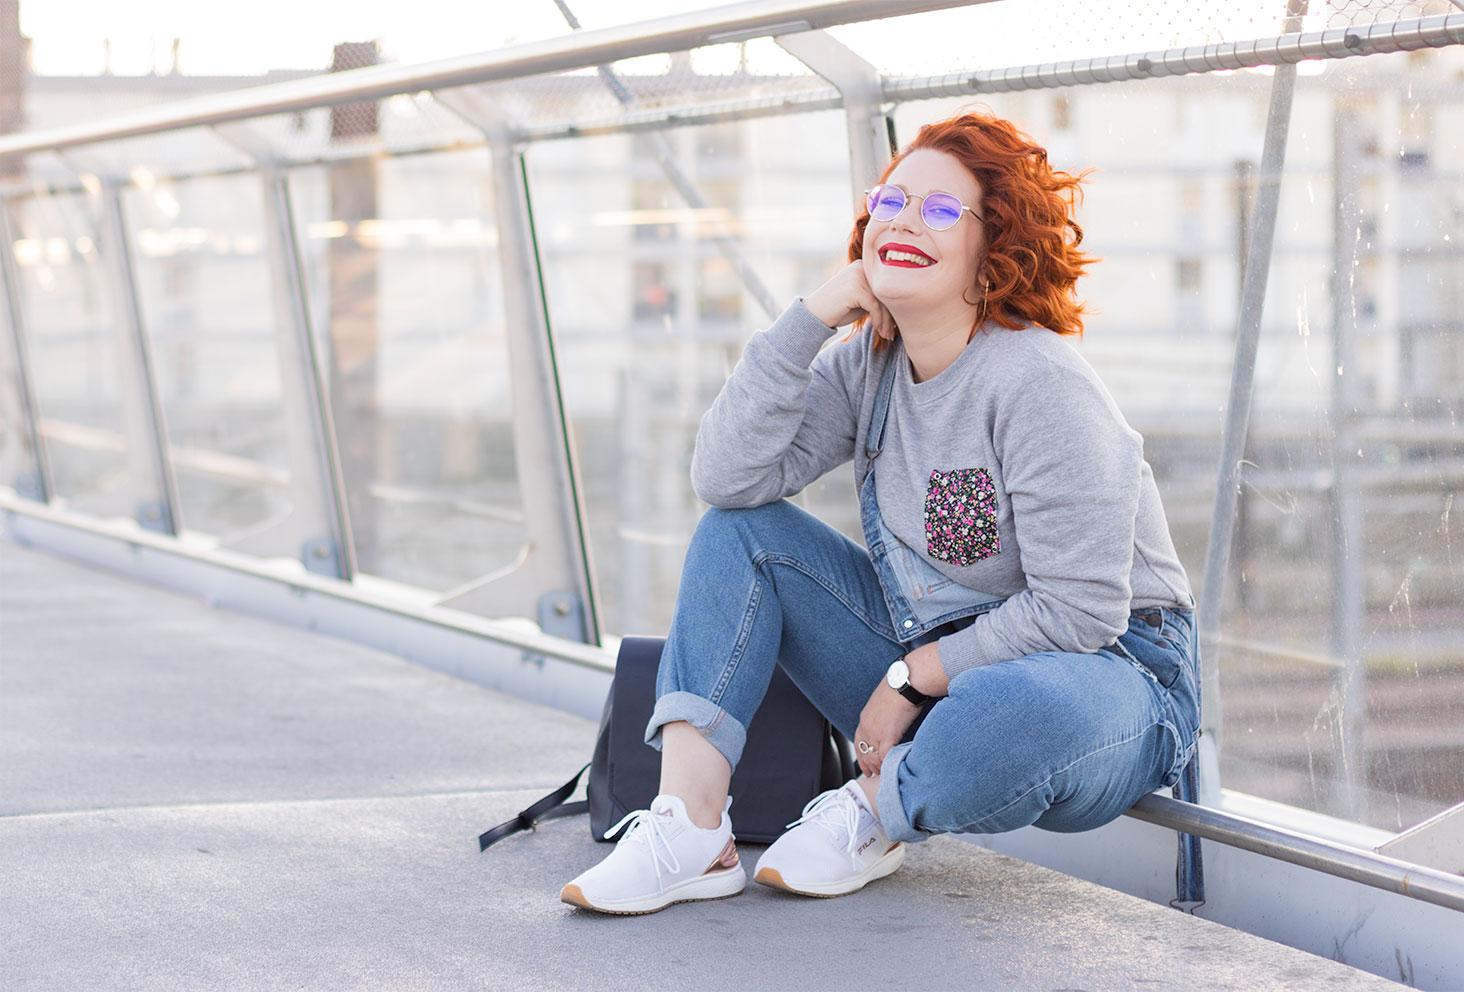 Assise en look street le long d'une rambarde en métal, le cheveux bouclés et le sourire aux lèvres